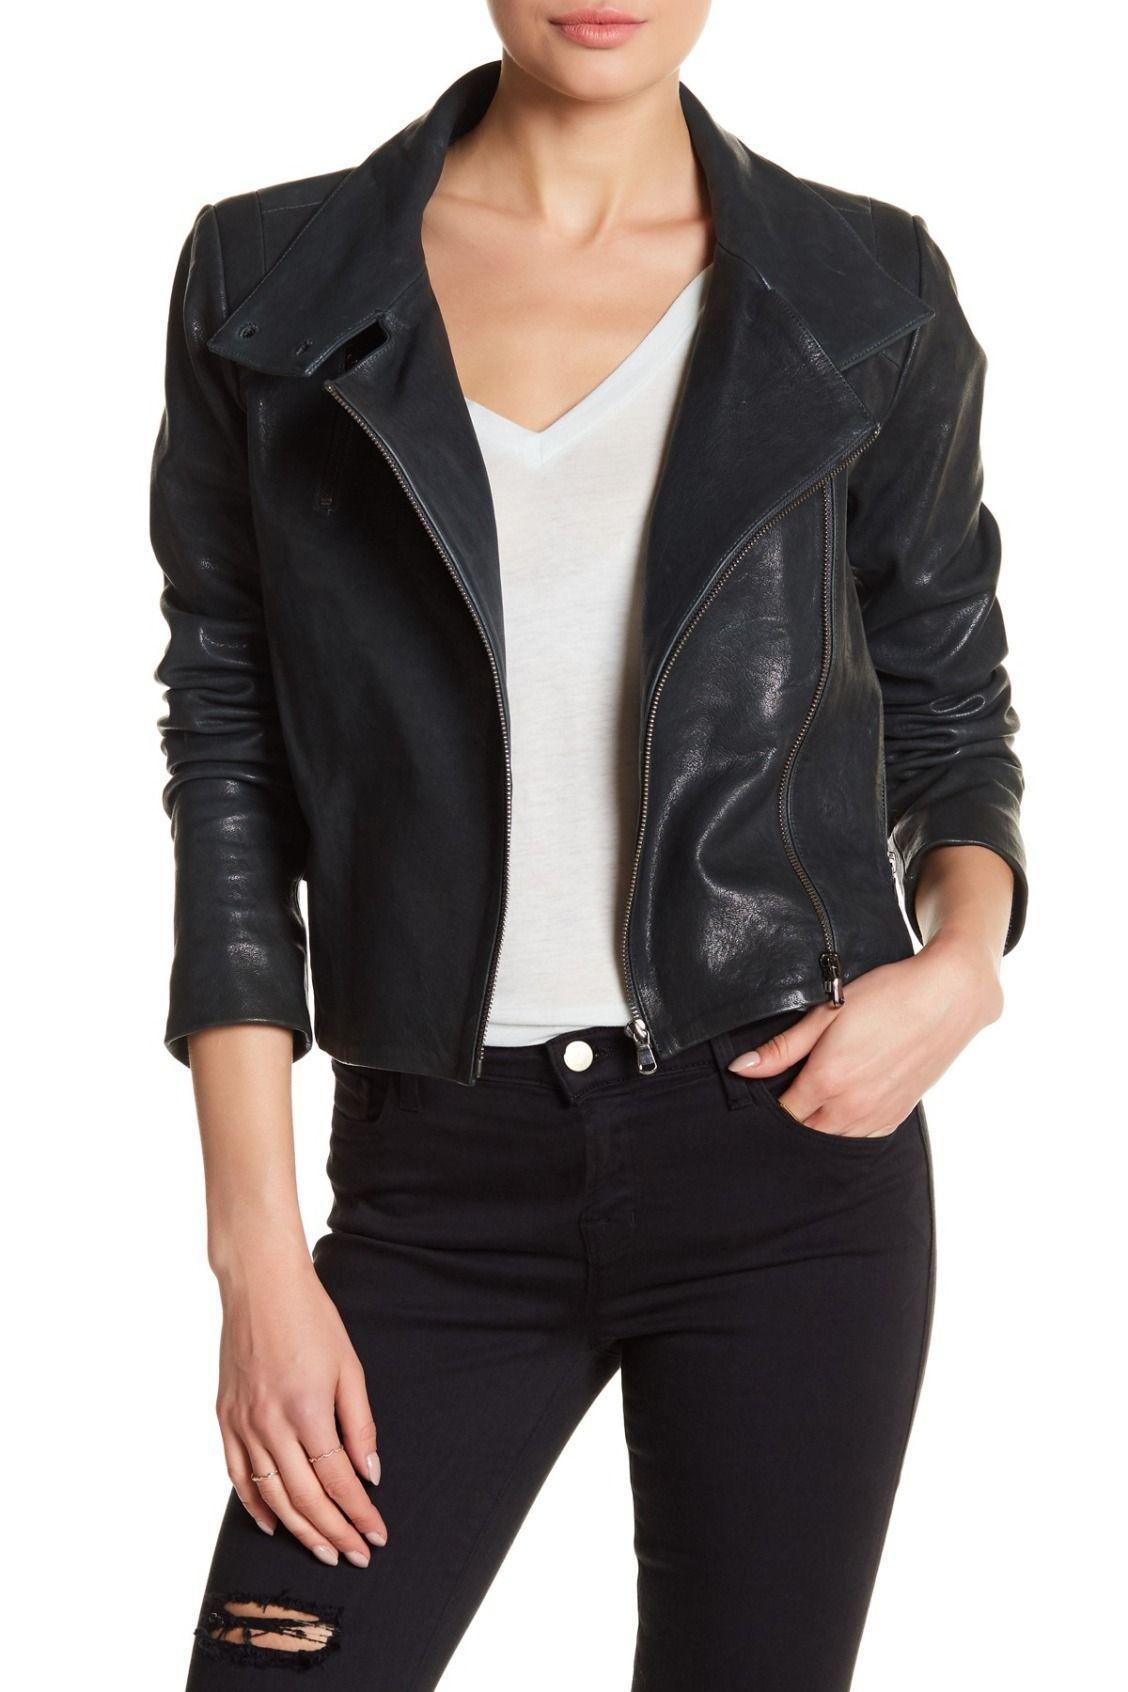 Classic in black + white. J Brand Connix Genuine Leather